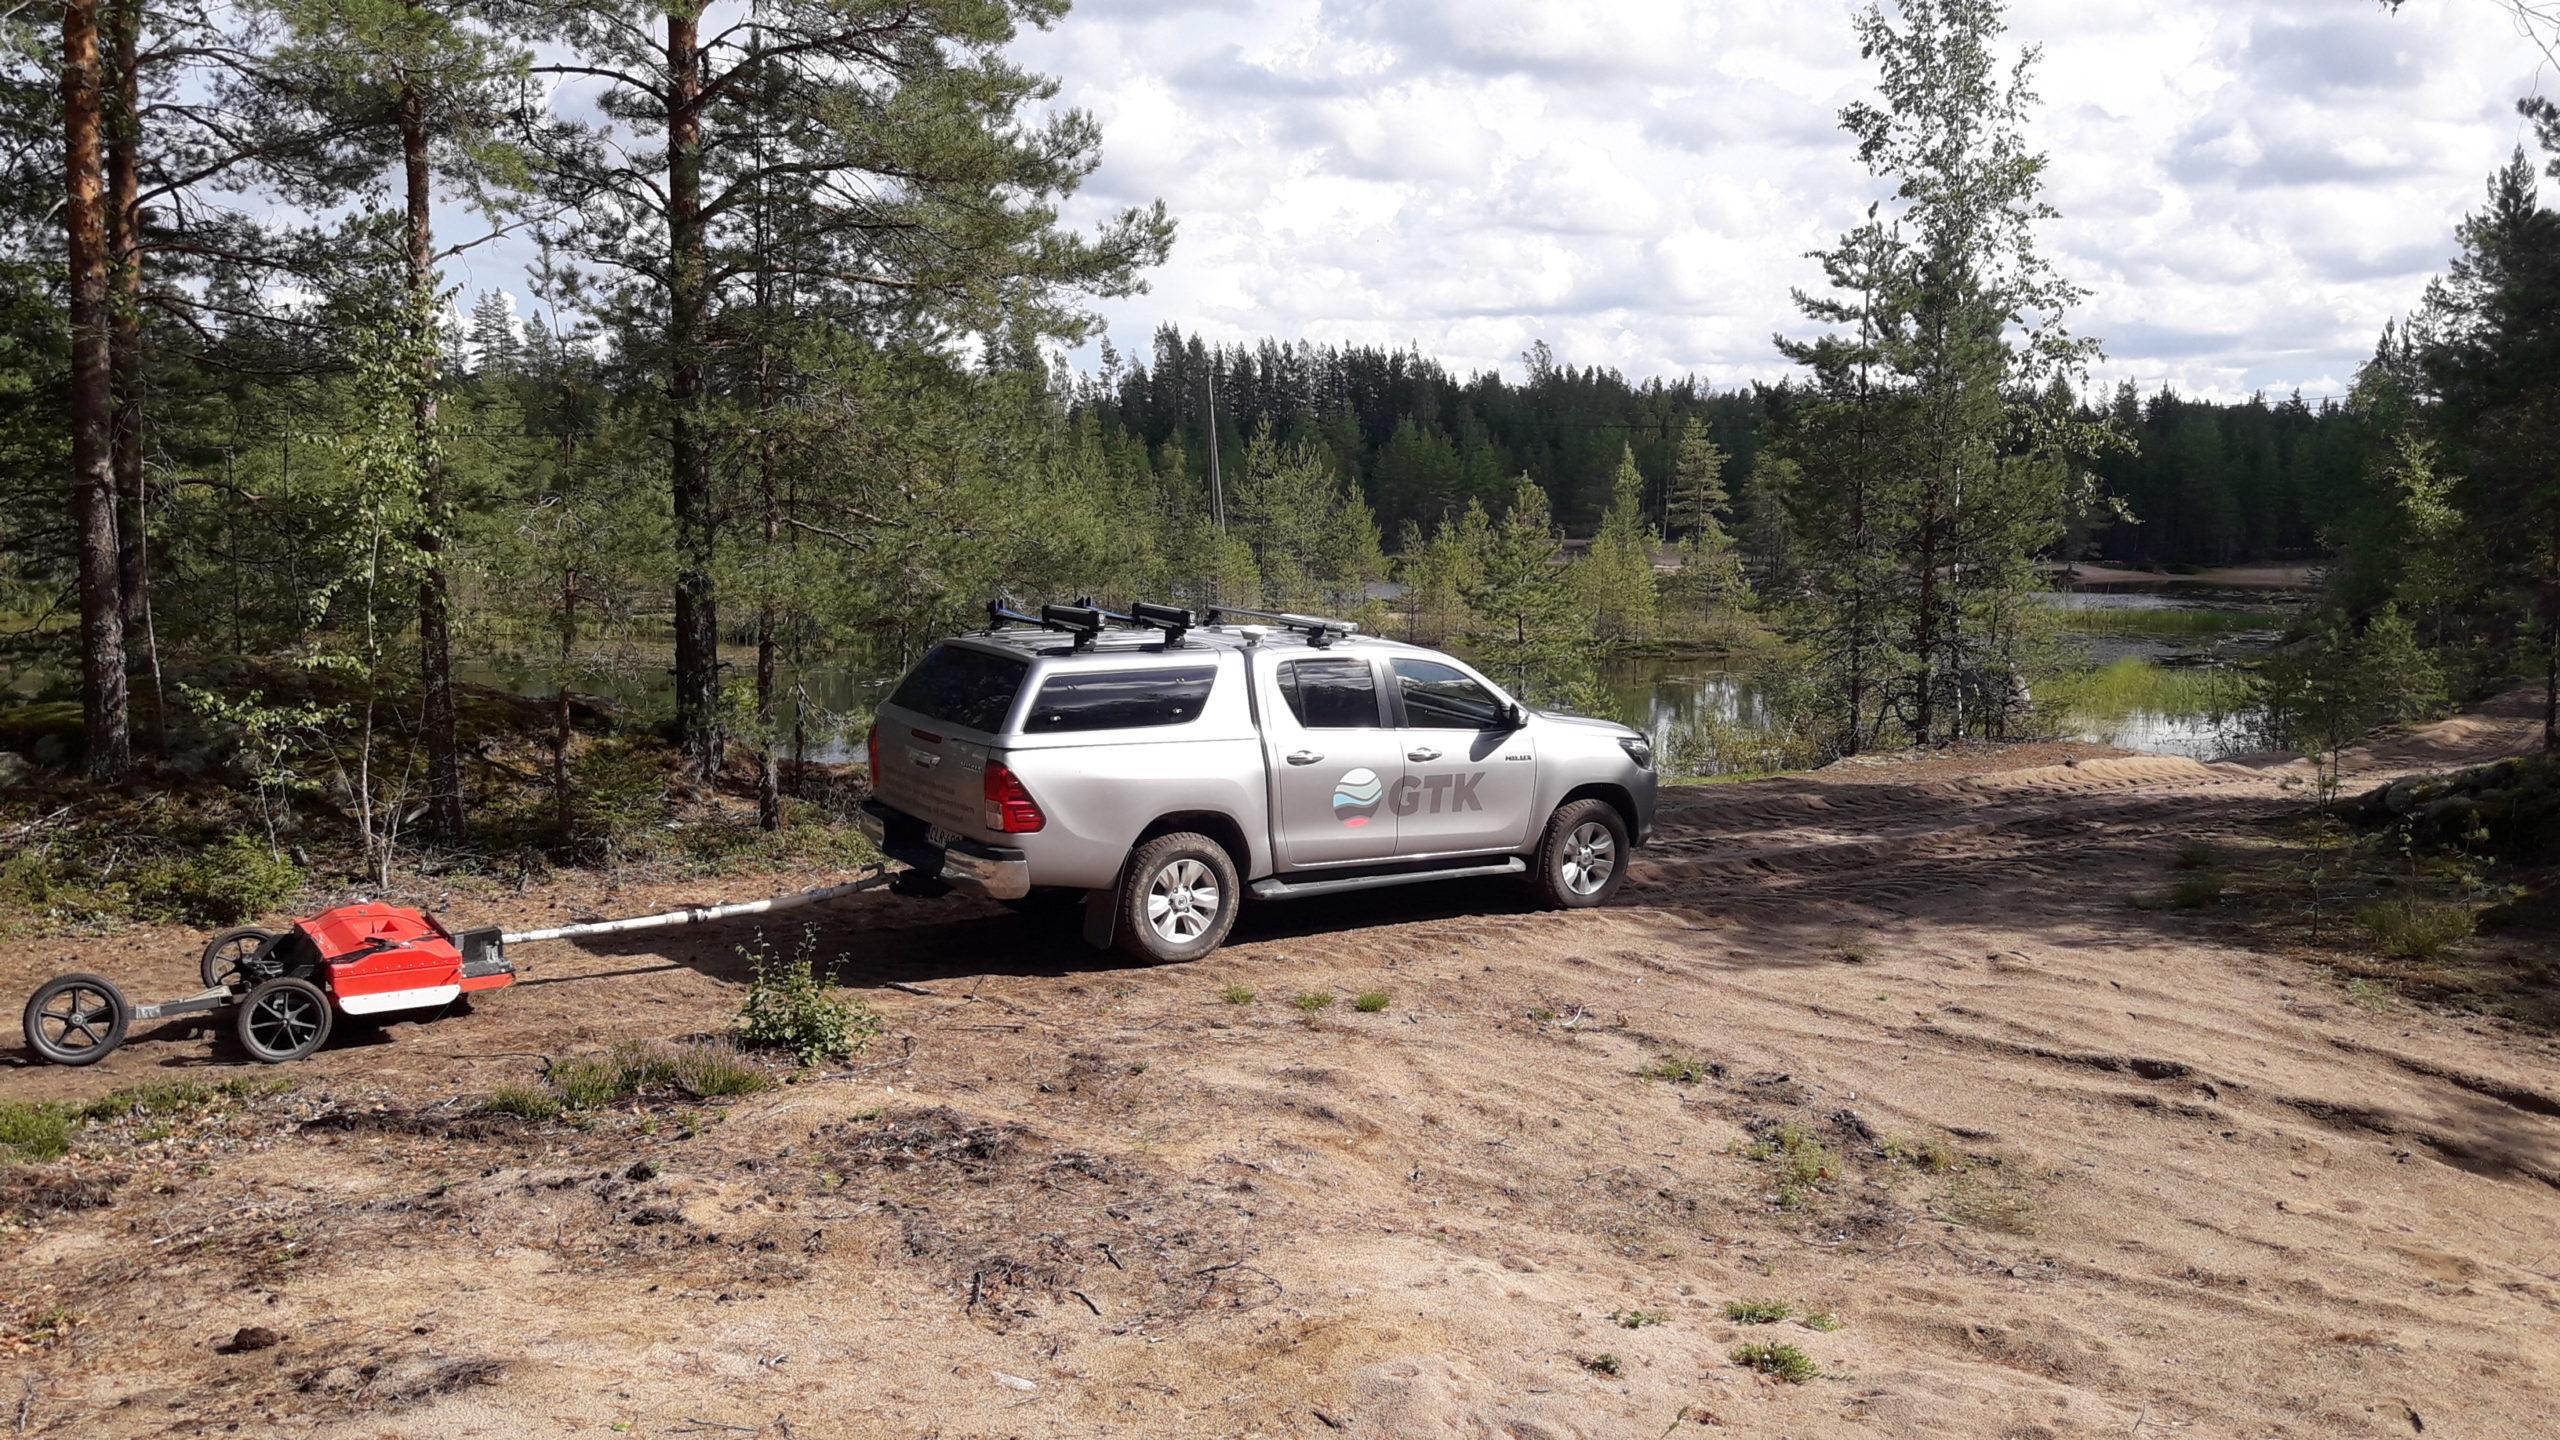 GTK:n auto, maatutkalaitteisto sekä Kaurajärven pohjavesialueella sijaitseva sorakuoppa, joka on kaivettu niin syväksi, että sen pohjalla on pohjavettä.